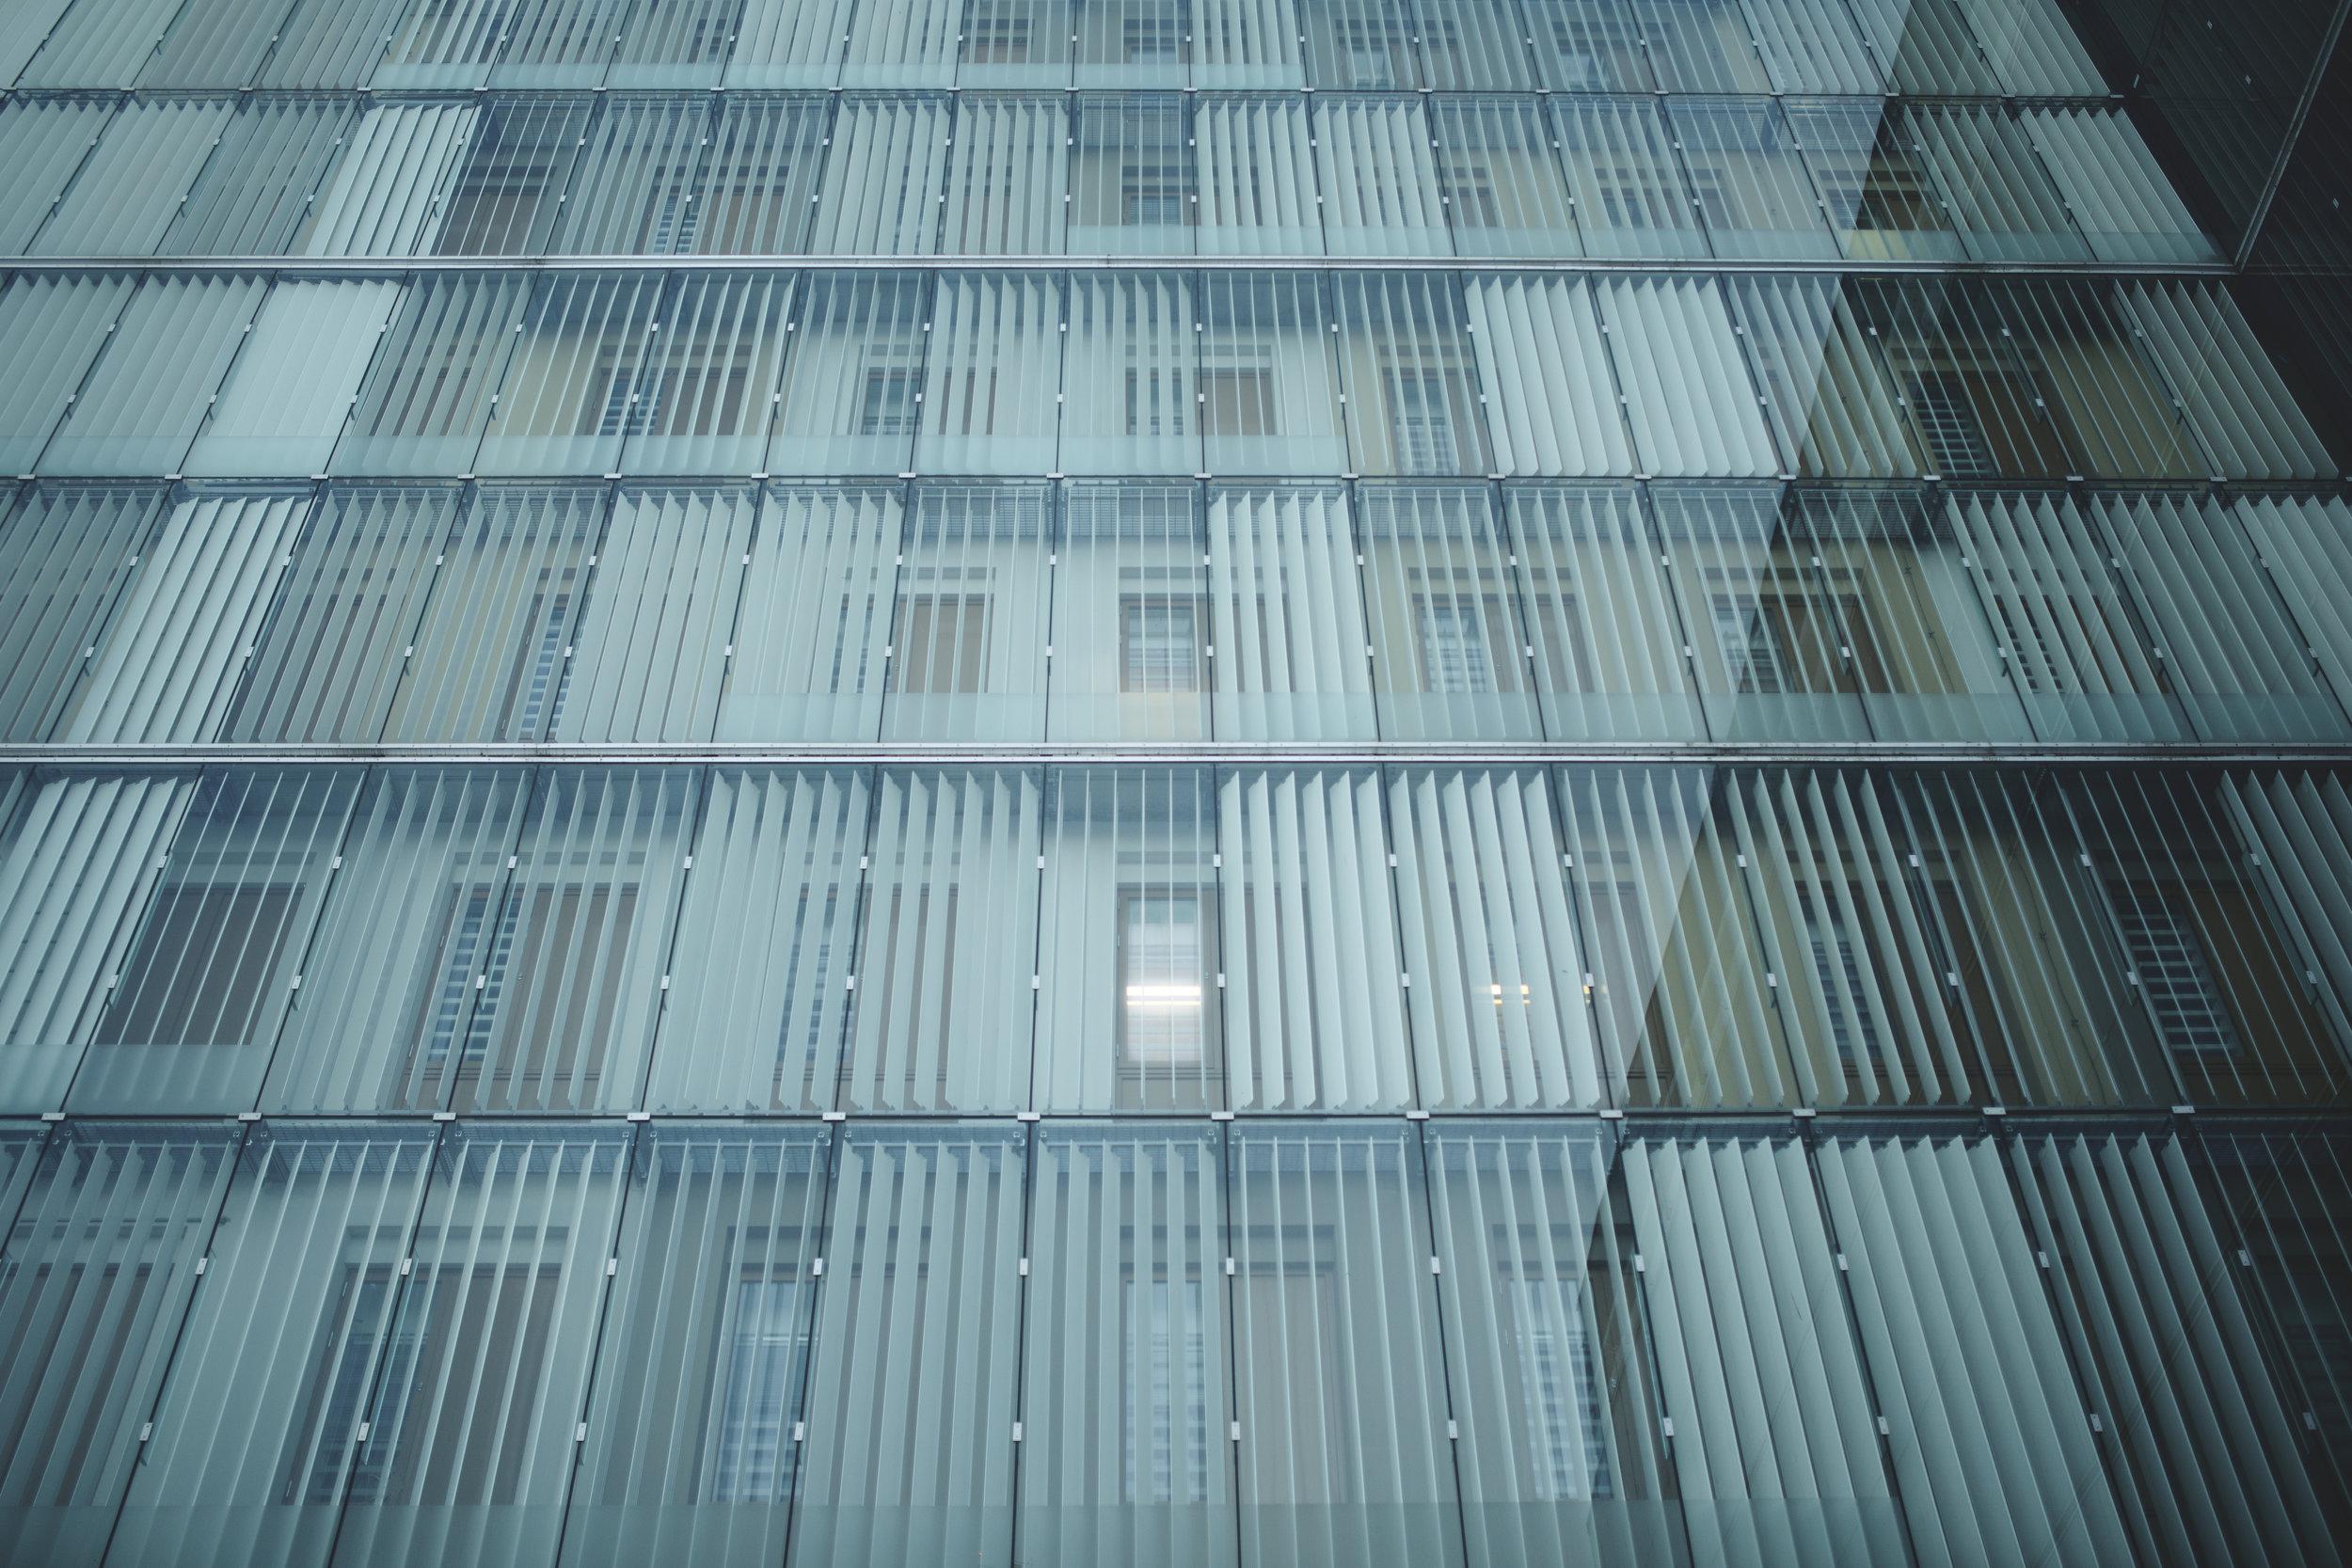 9 000–10 000 - personer häktas i Sverige varje år. Av dessa saknar 6 000–7 000 mänsklig kontakt under minst22 timmar per dygn, vilket motsvarar FN:s definition av isolering. De isoleras i genomsnitt i omkring 50 dagar. Allt över 14 dagar kan vara att betrakta som tortyr, enligt FN:s särskilda rapportör om tortyr.